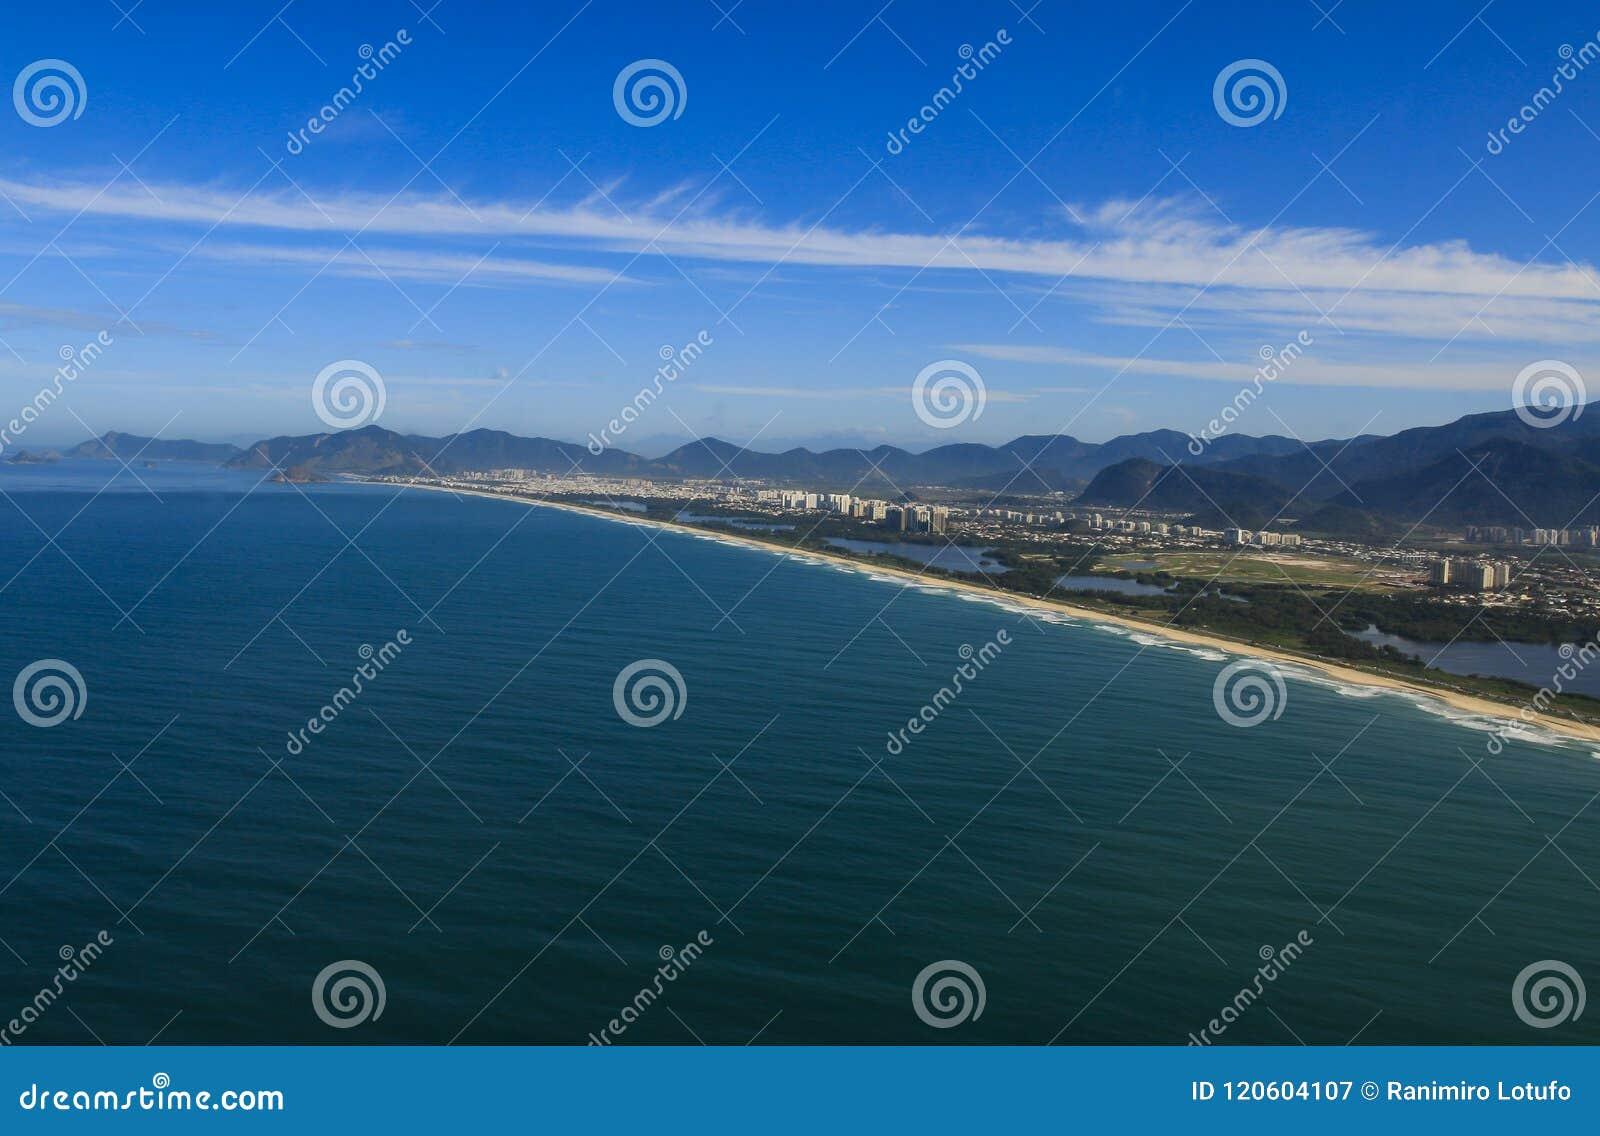 Long and wonderful beaches, Recreio dos Bandeirantes beach, Rio de Janeiro Brazil